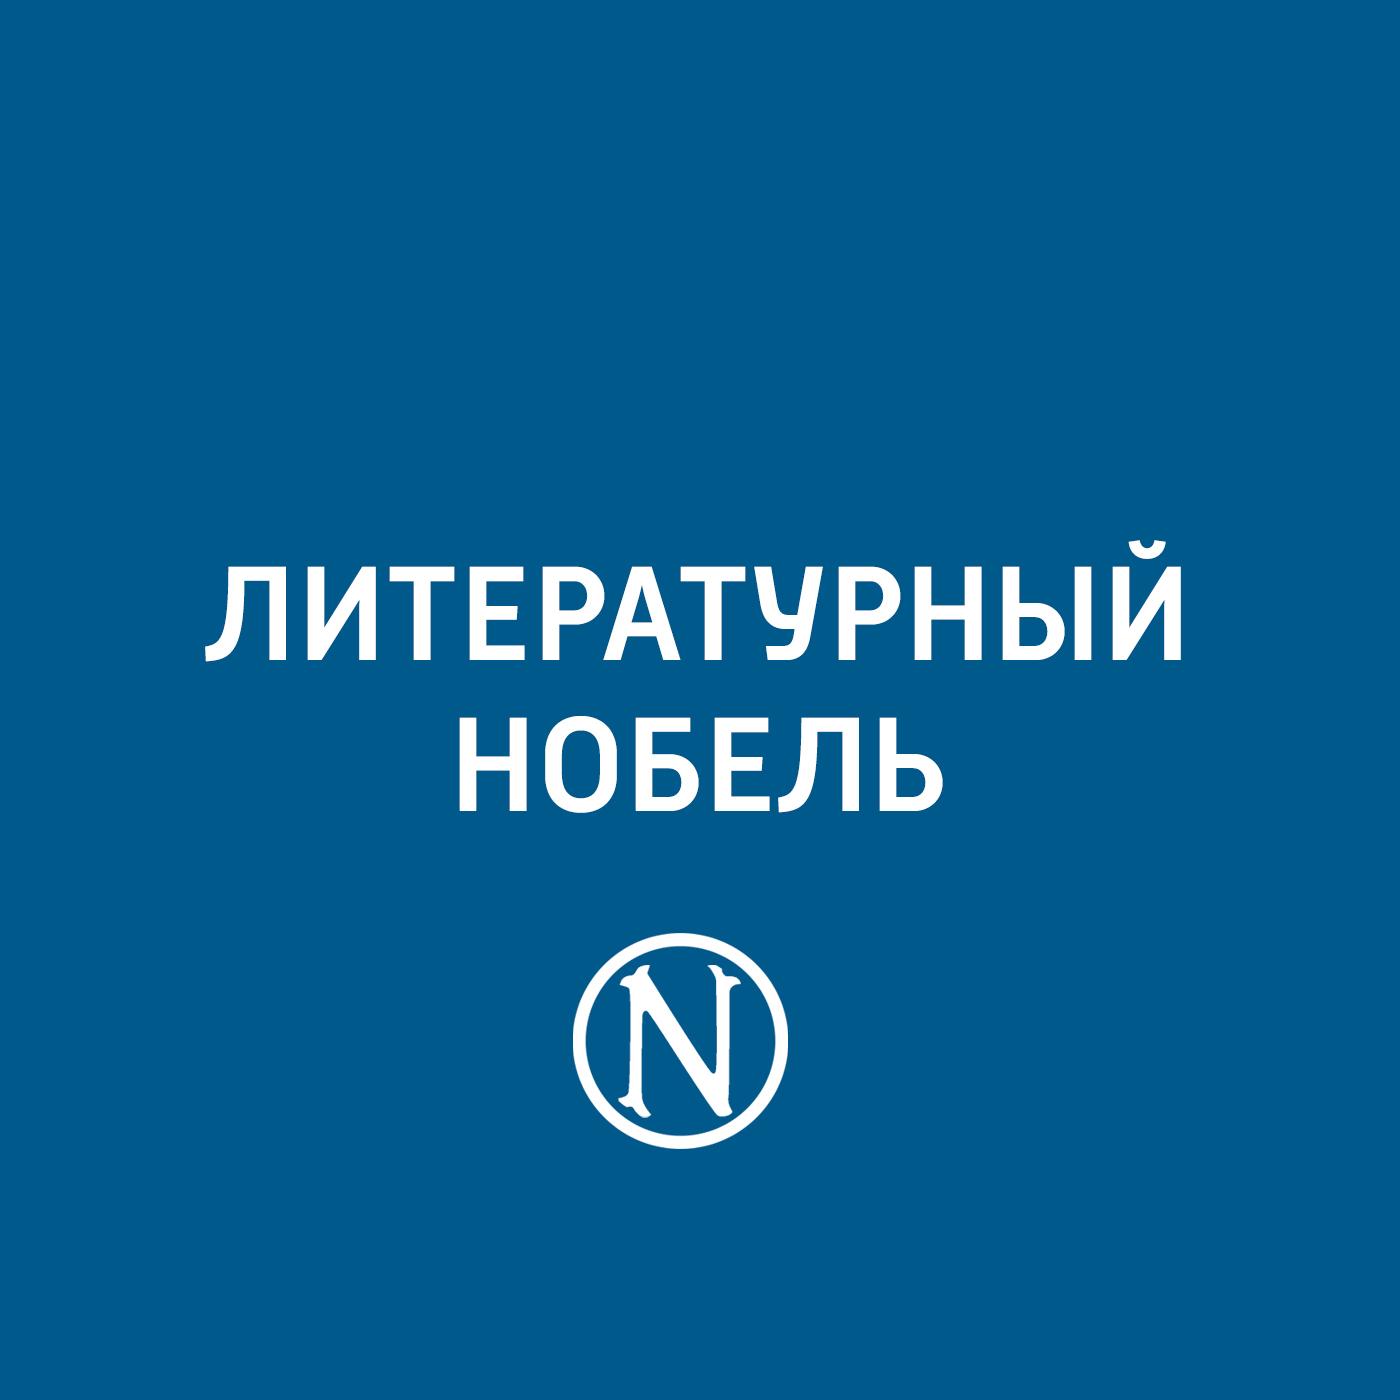 Евгений Стаховский Бернард Шоу окрепилов в ред лауреаты нобелевской премии по экономике автобиографии лекции комментарии